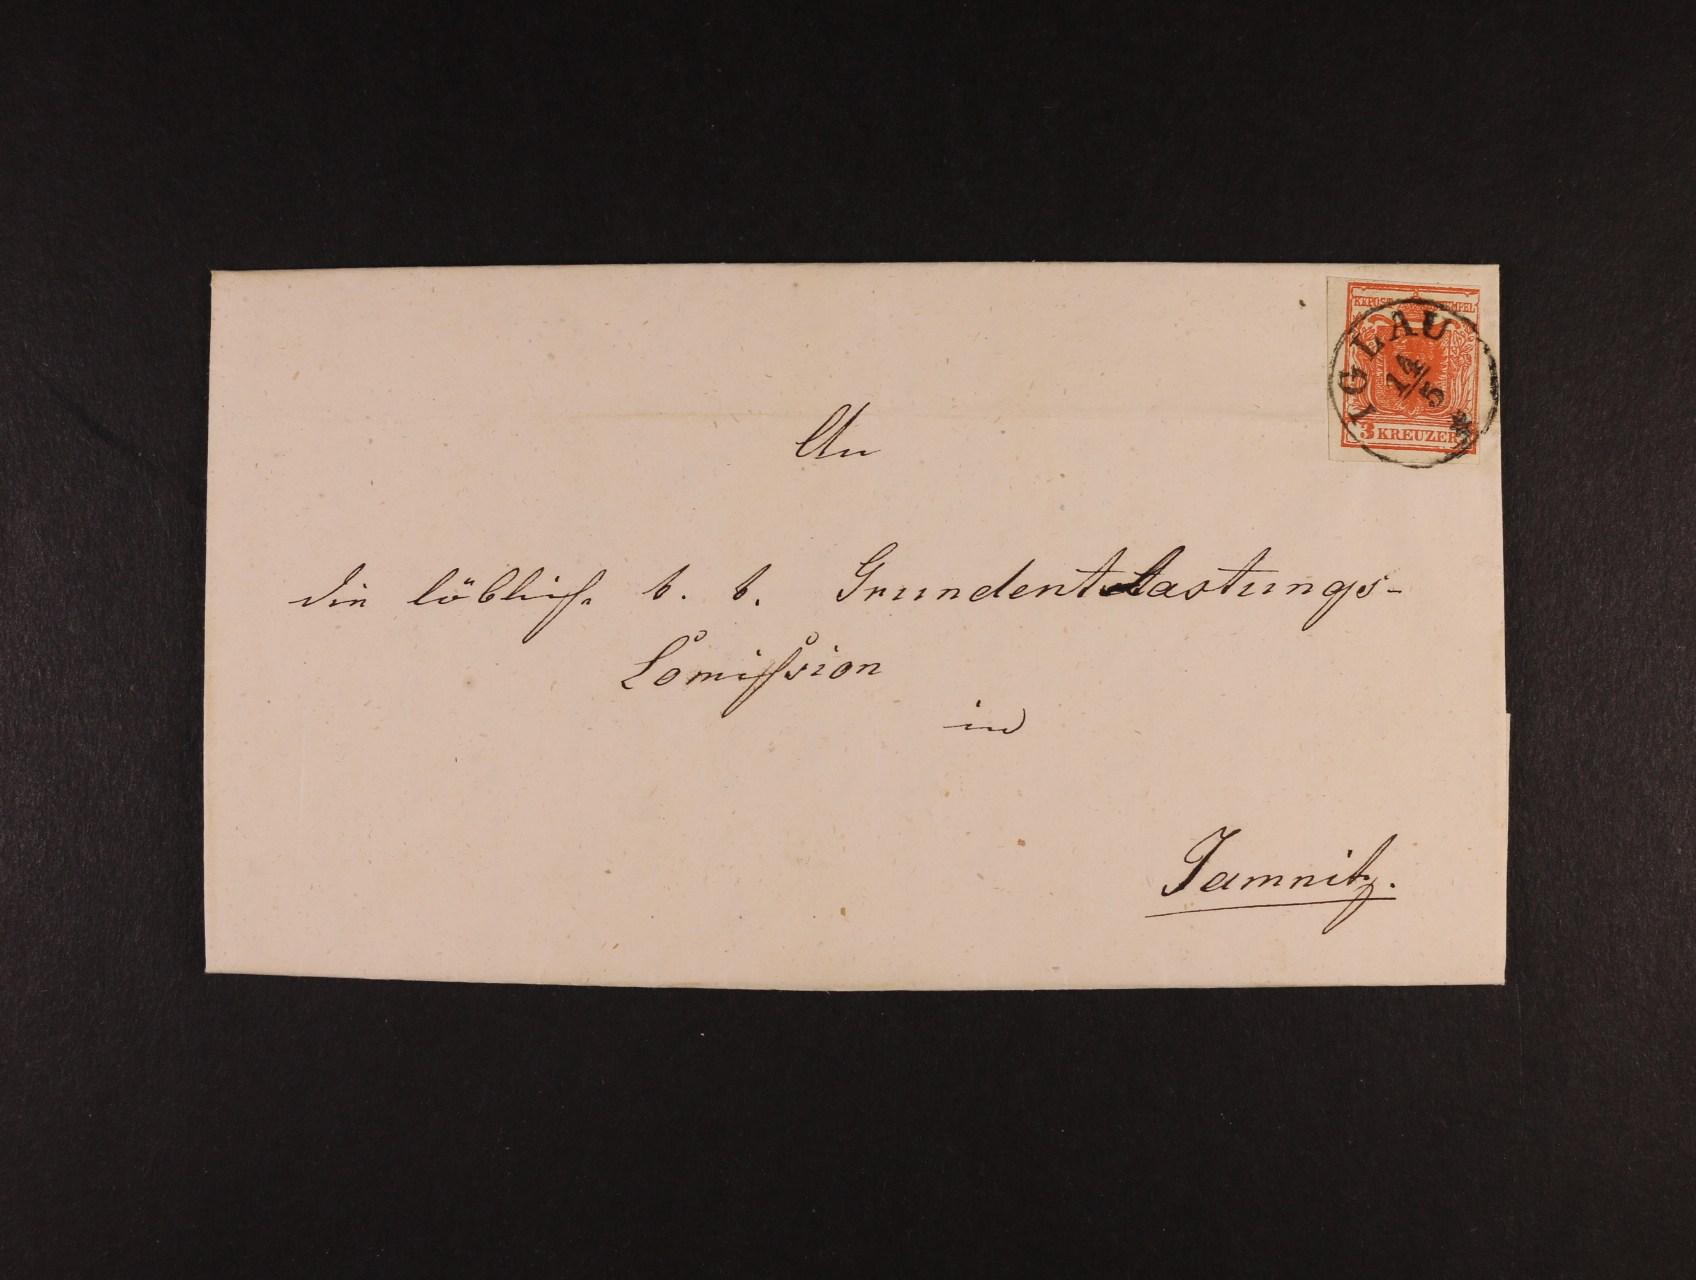 skl. dopis z r. 1851 frank. zn. Fe. č. 3, typ I, vypodložený střed (Unterlegtemittelstück), na levém okraji těsný střih, pod. raz. IGLAU 14.5., v horní části lehký registr. lom, cca 200 EUR